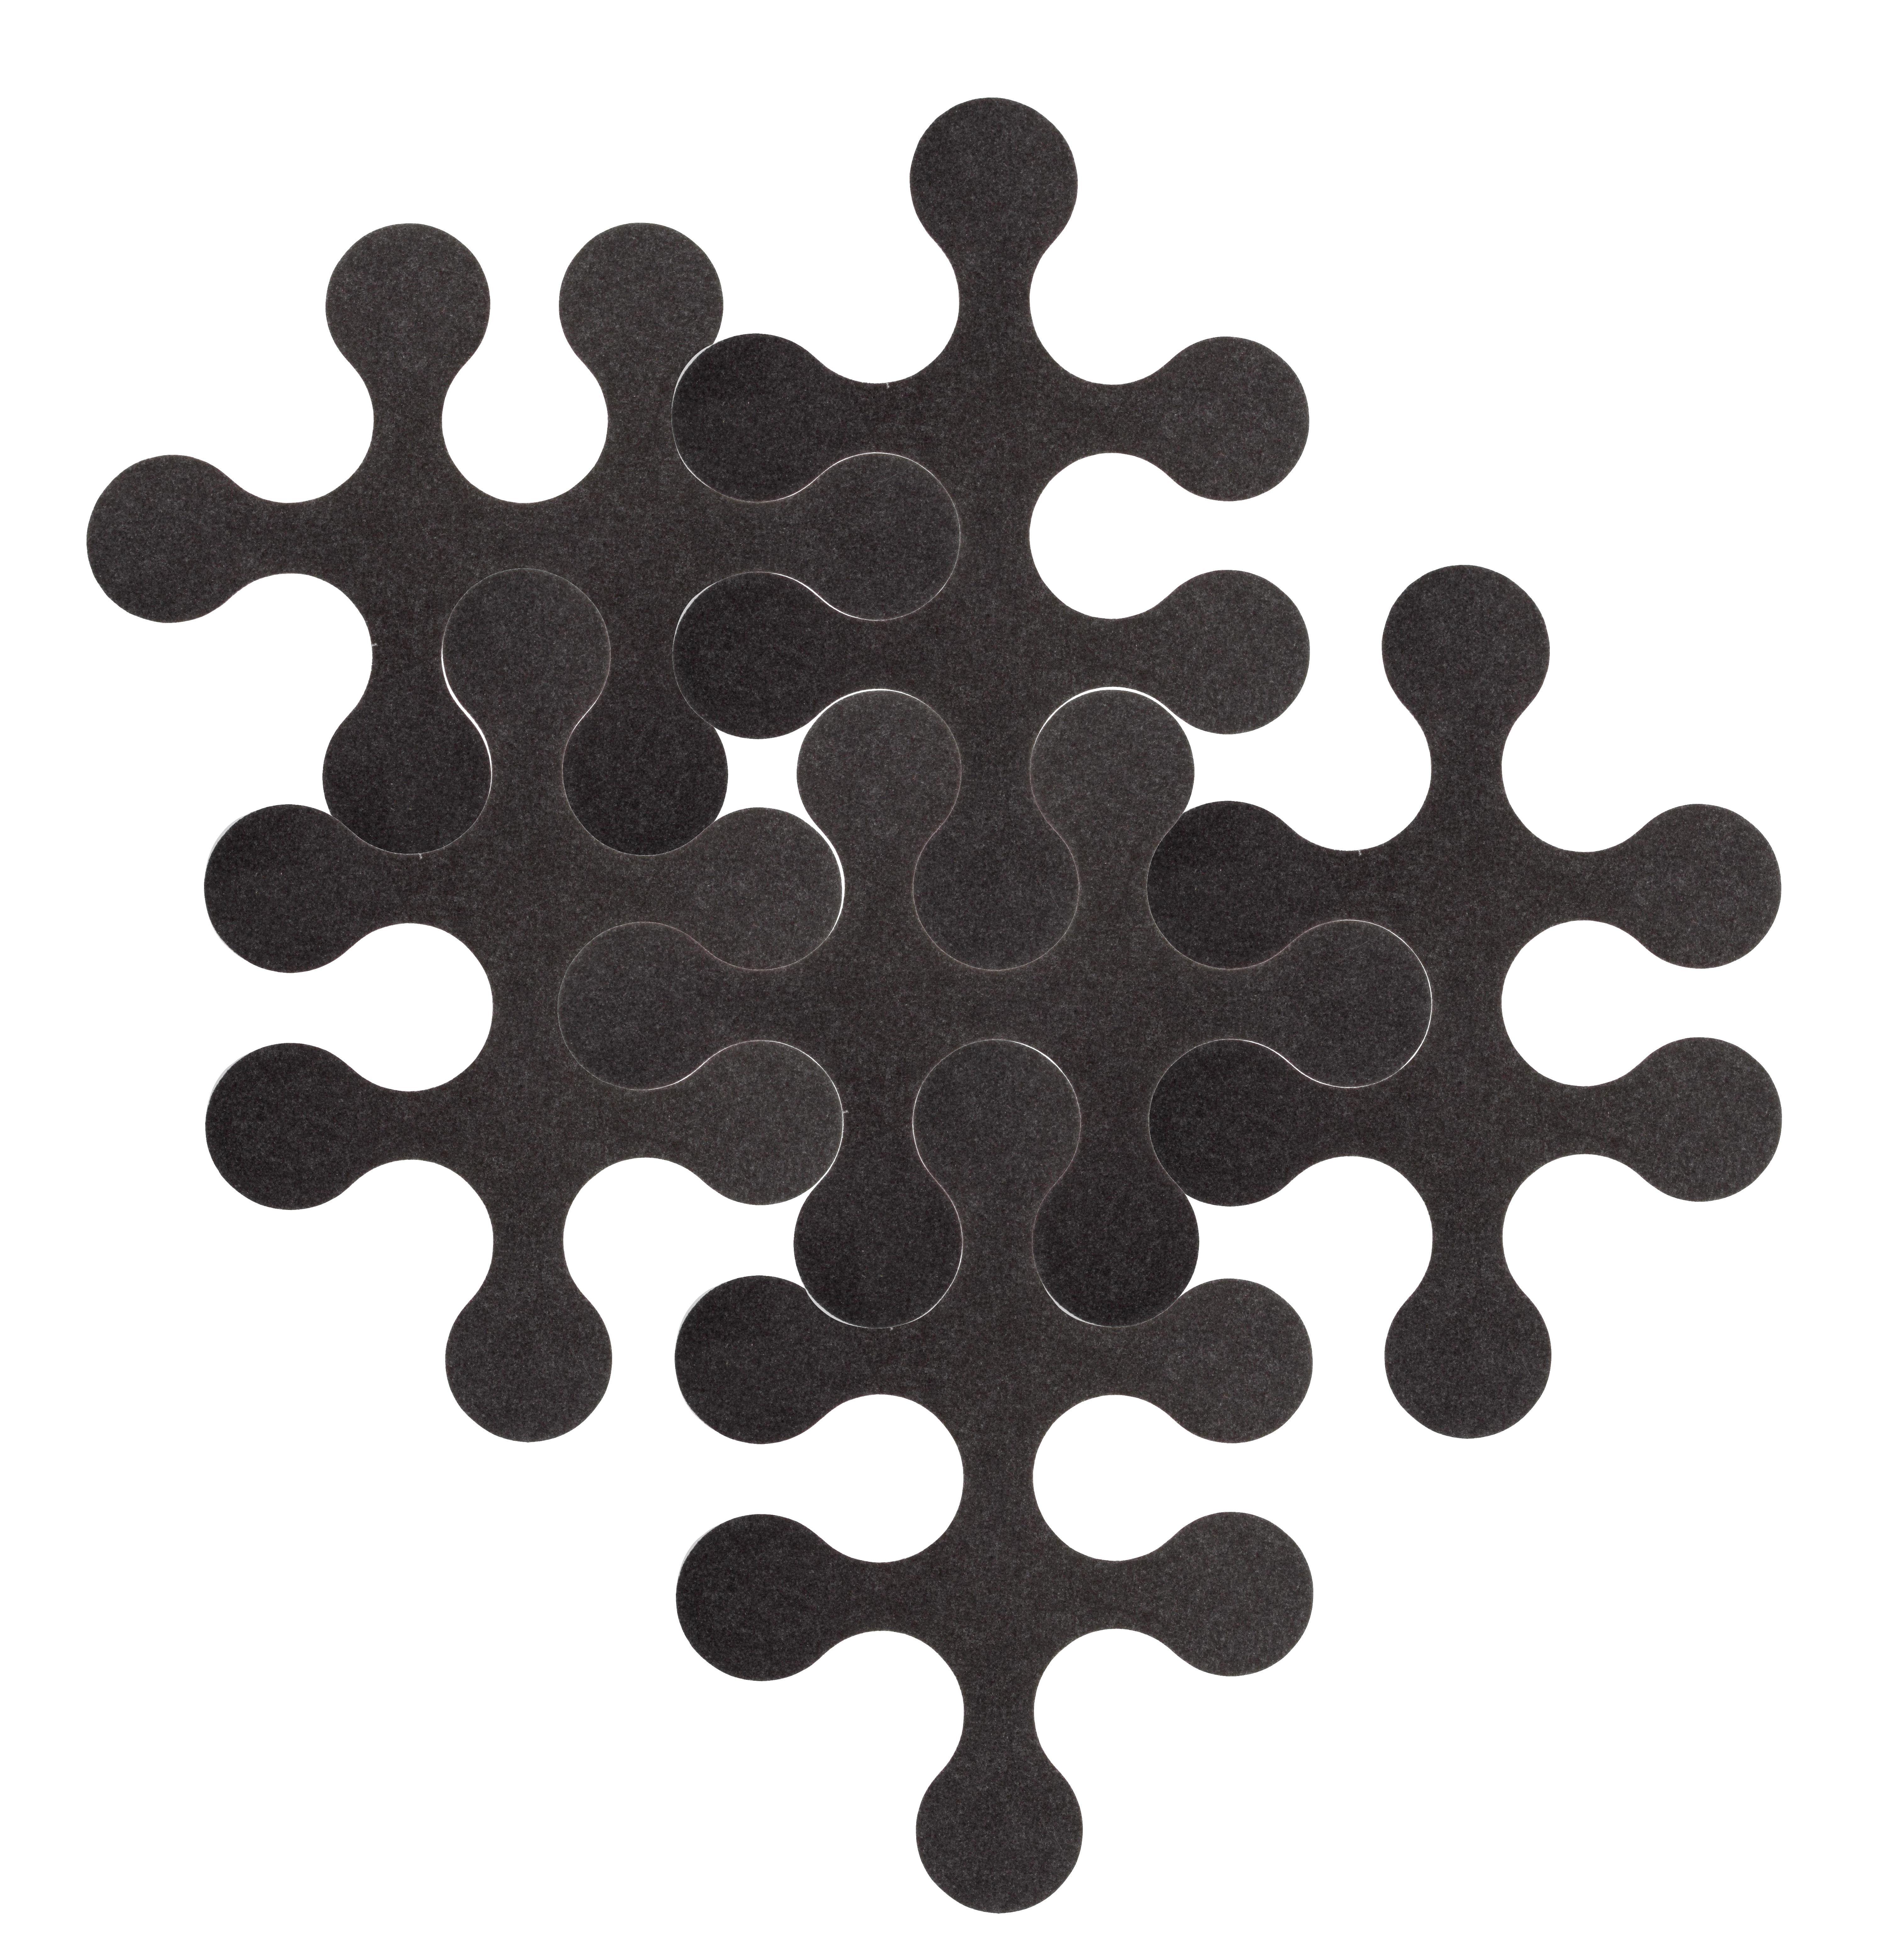 Arredamento - Tappeti  - Tappeto Molécules - 6 pezzi - Tinta unita grigio antracite di La Corbeille - Grigio antracite - Feltro